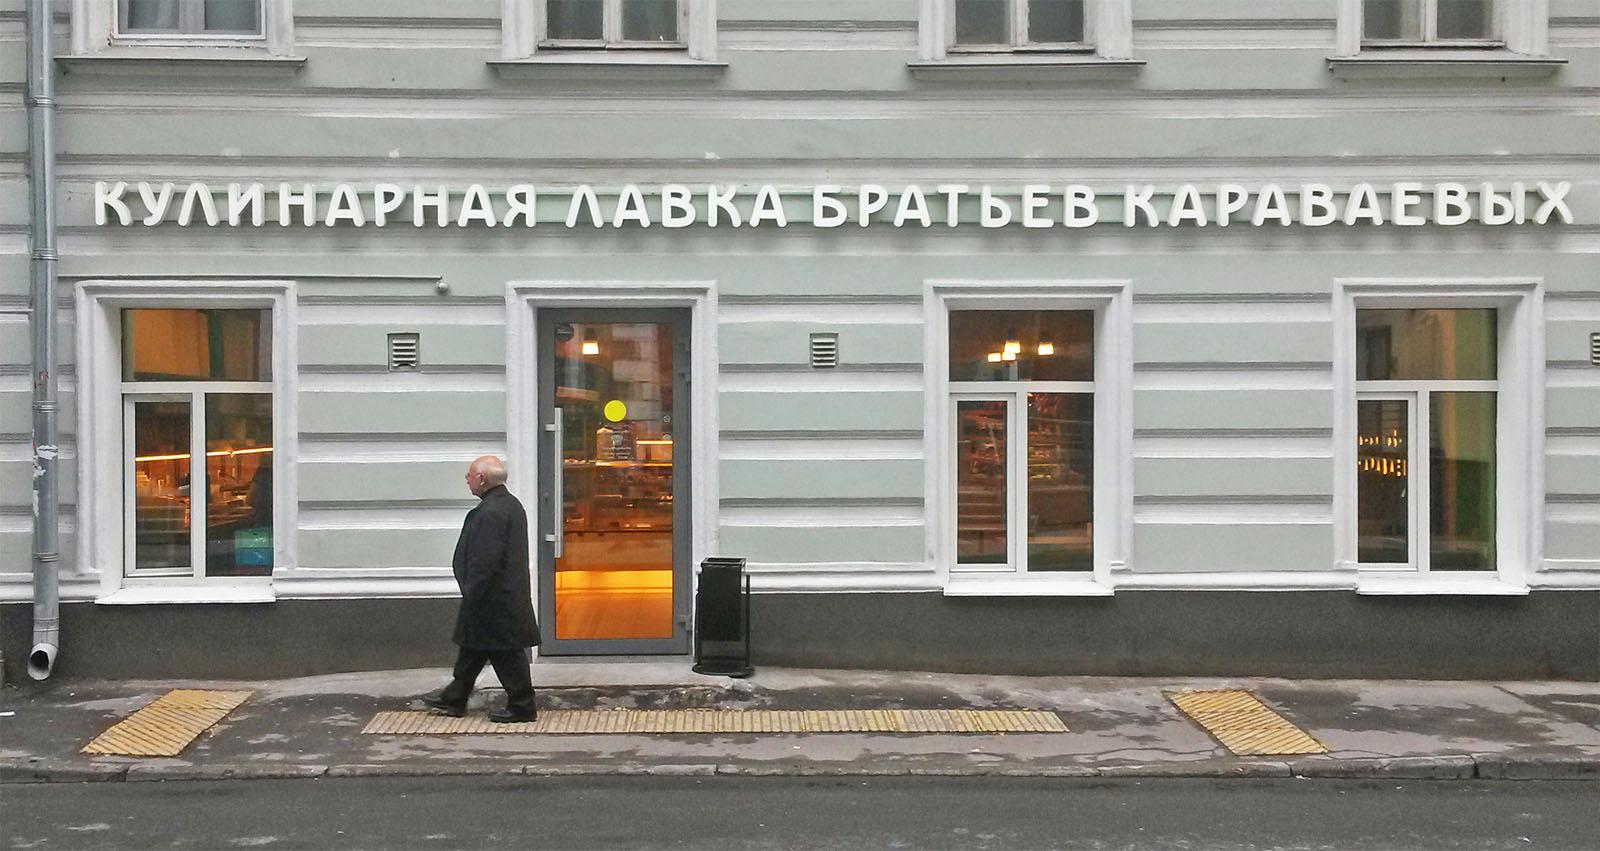 Не могли не заскочит к братьям... Караваевым :)